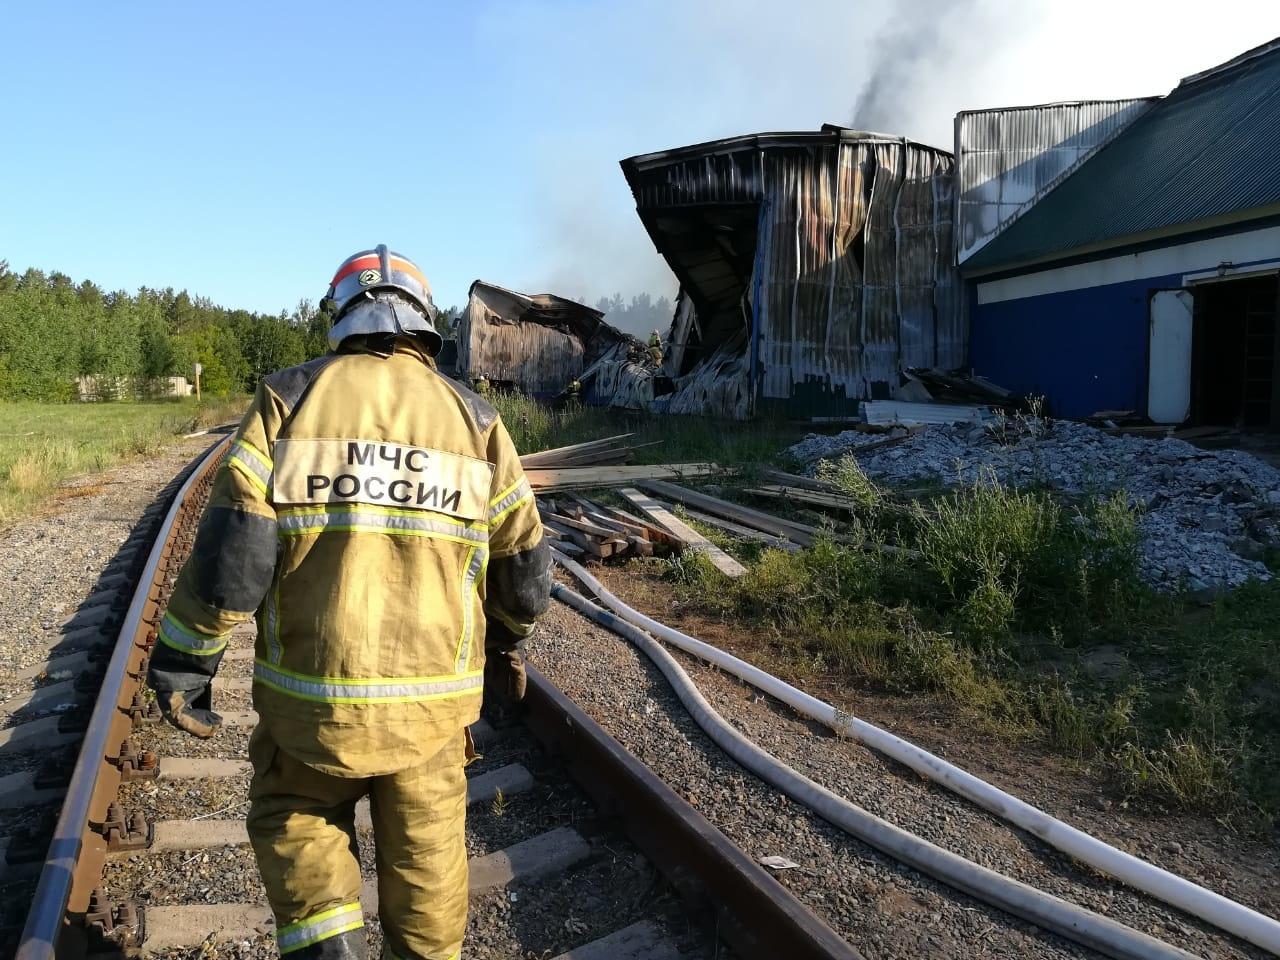 Фото «Сообщение поступило с опозданием»: что известно о пожаре на птицефабрике в Бийске 2